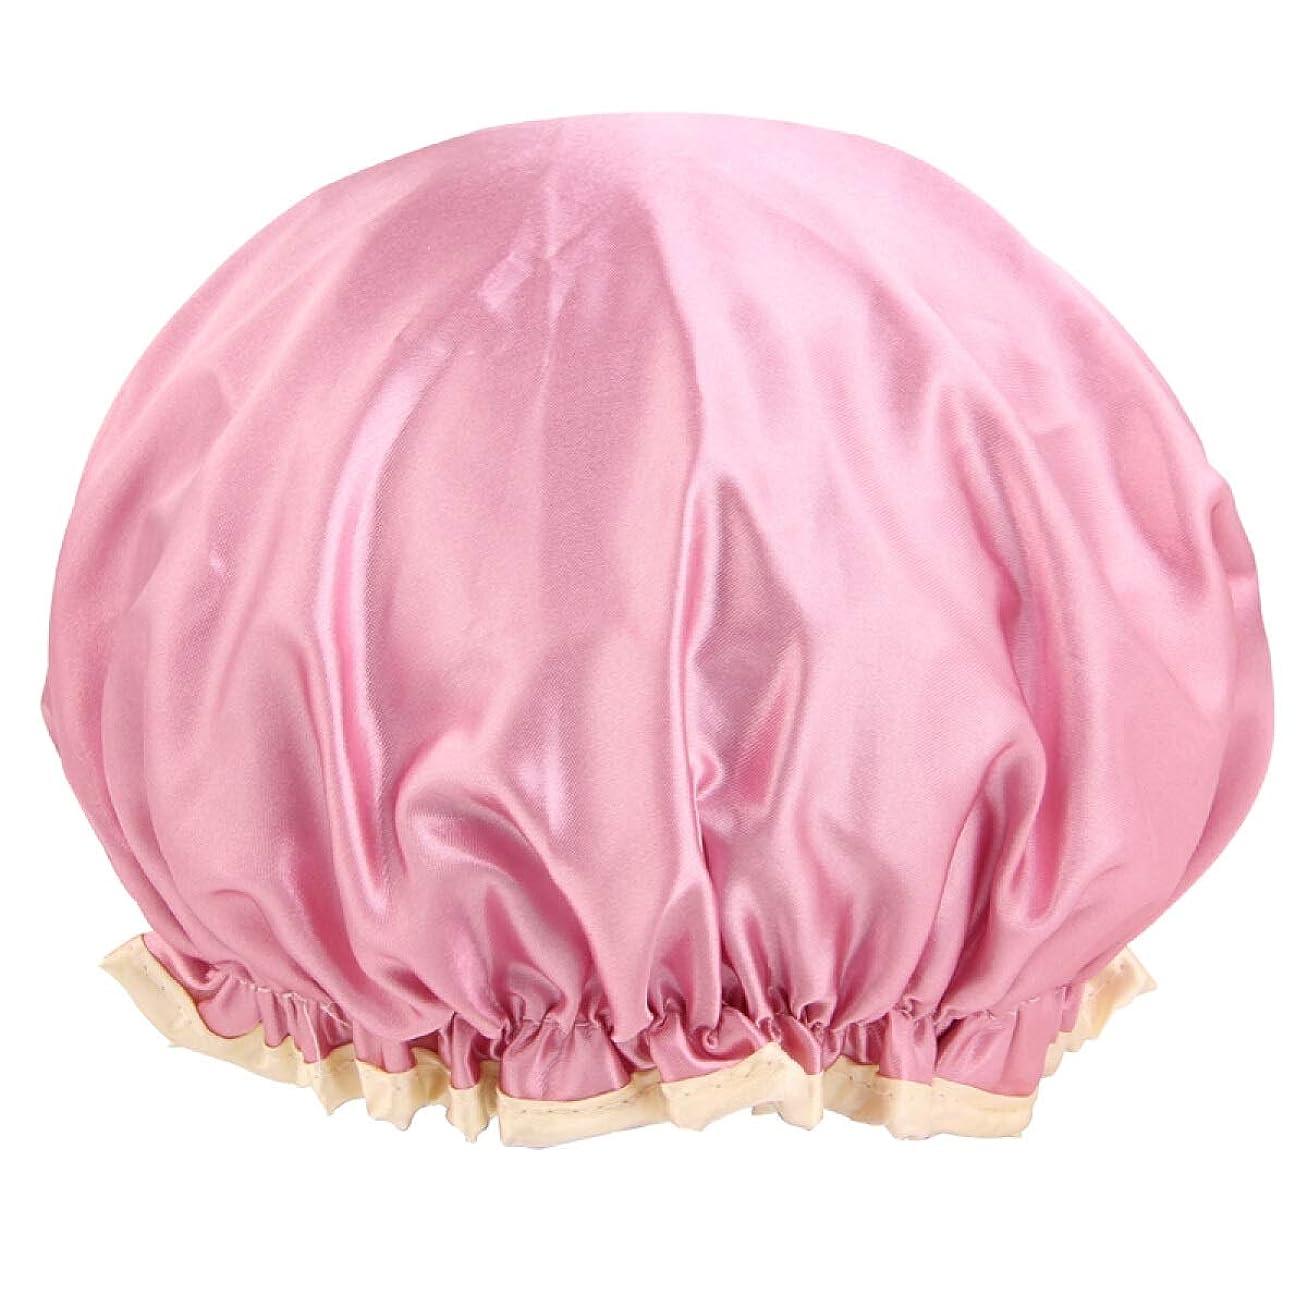 頭クランプ有名なCHAHANG DDouble層の厚い多機能サテン防水シャワーキャップ(シャンプーキャップ、シャワーキャップ、防水髪ジャケット、キッチンアンチフードキャップ) (Color : Pink)